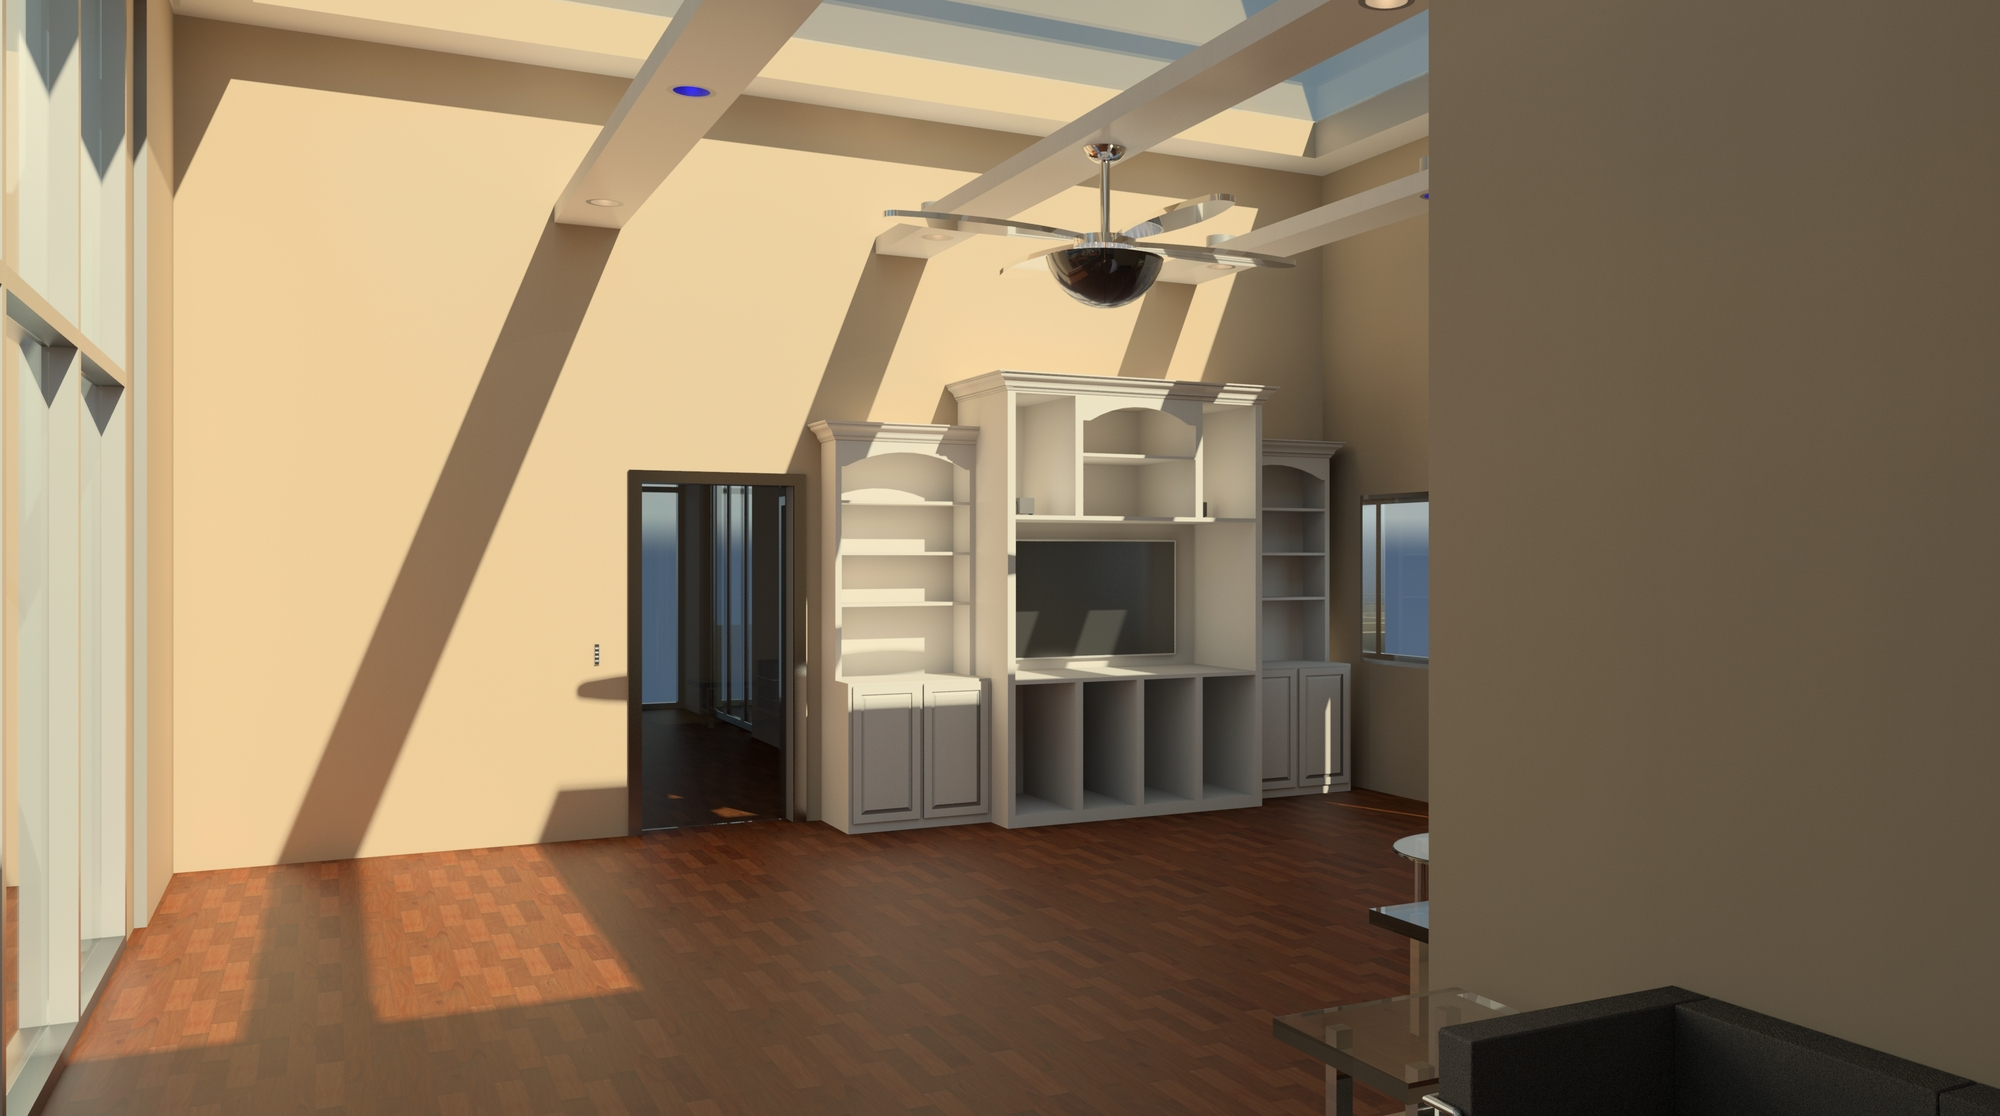 Raas-rendering20150326-2169-bfedy8